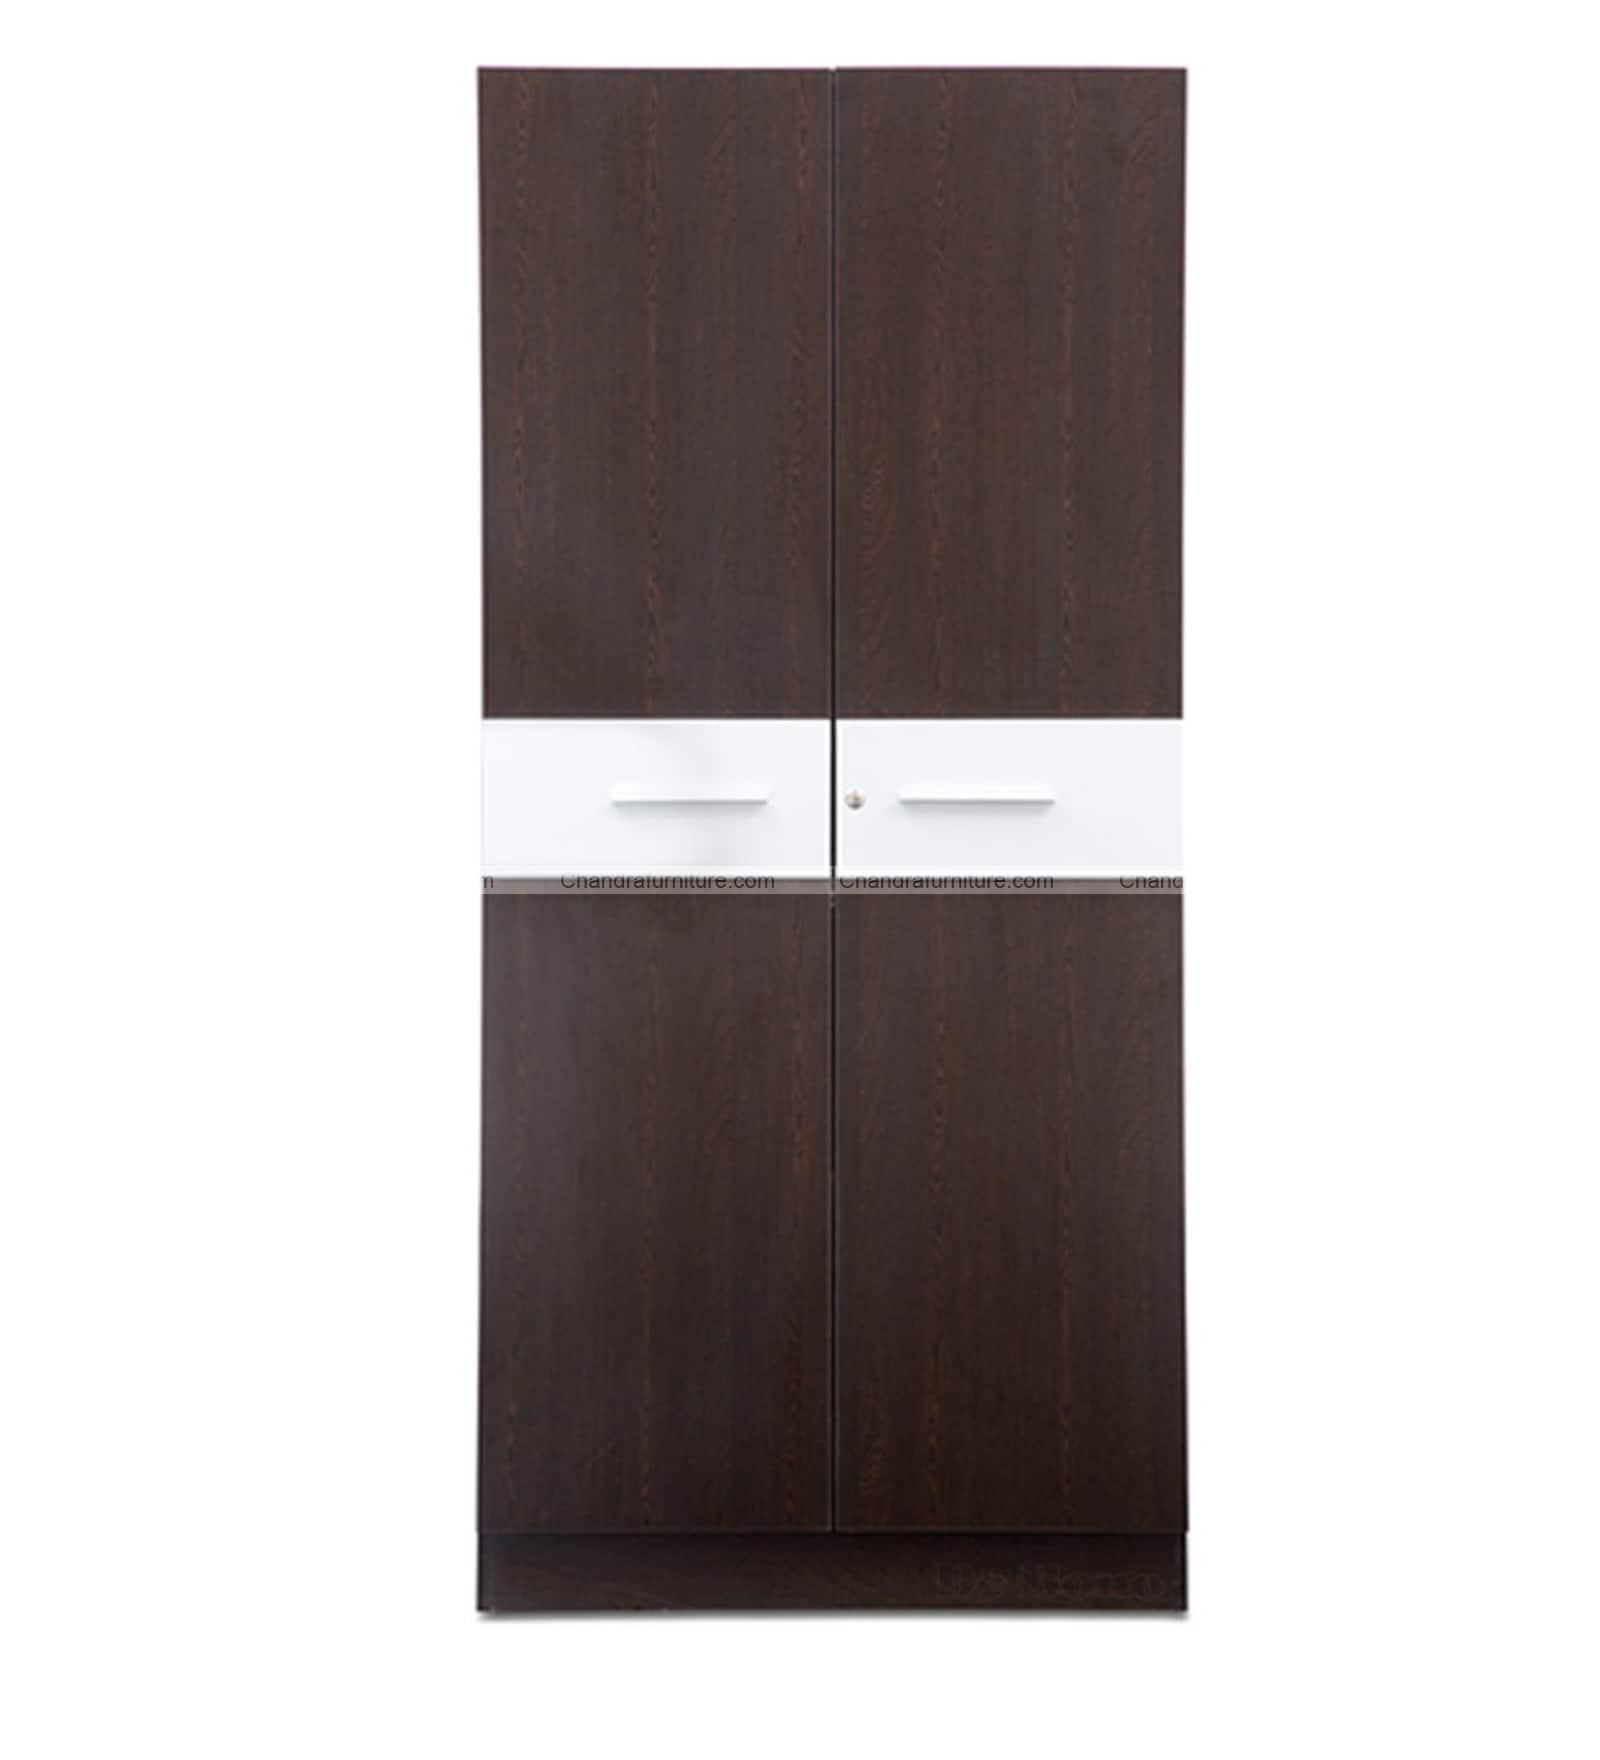 Chandra Furniture Stora XL Two Door Wardrobe  Dark Colour